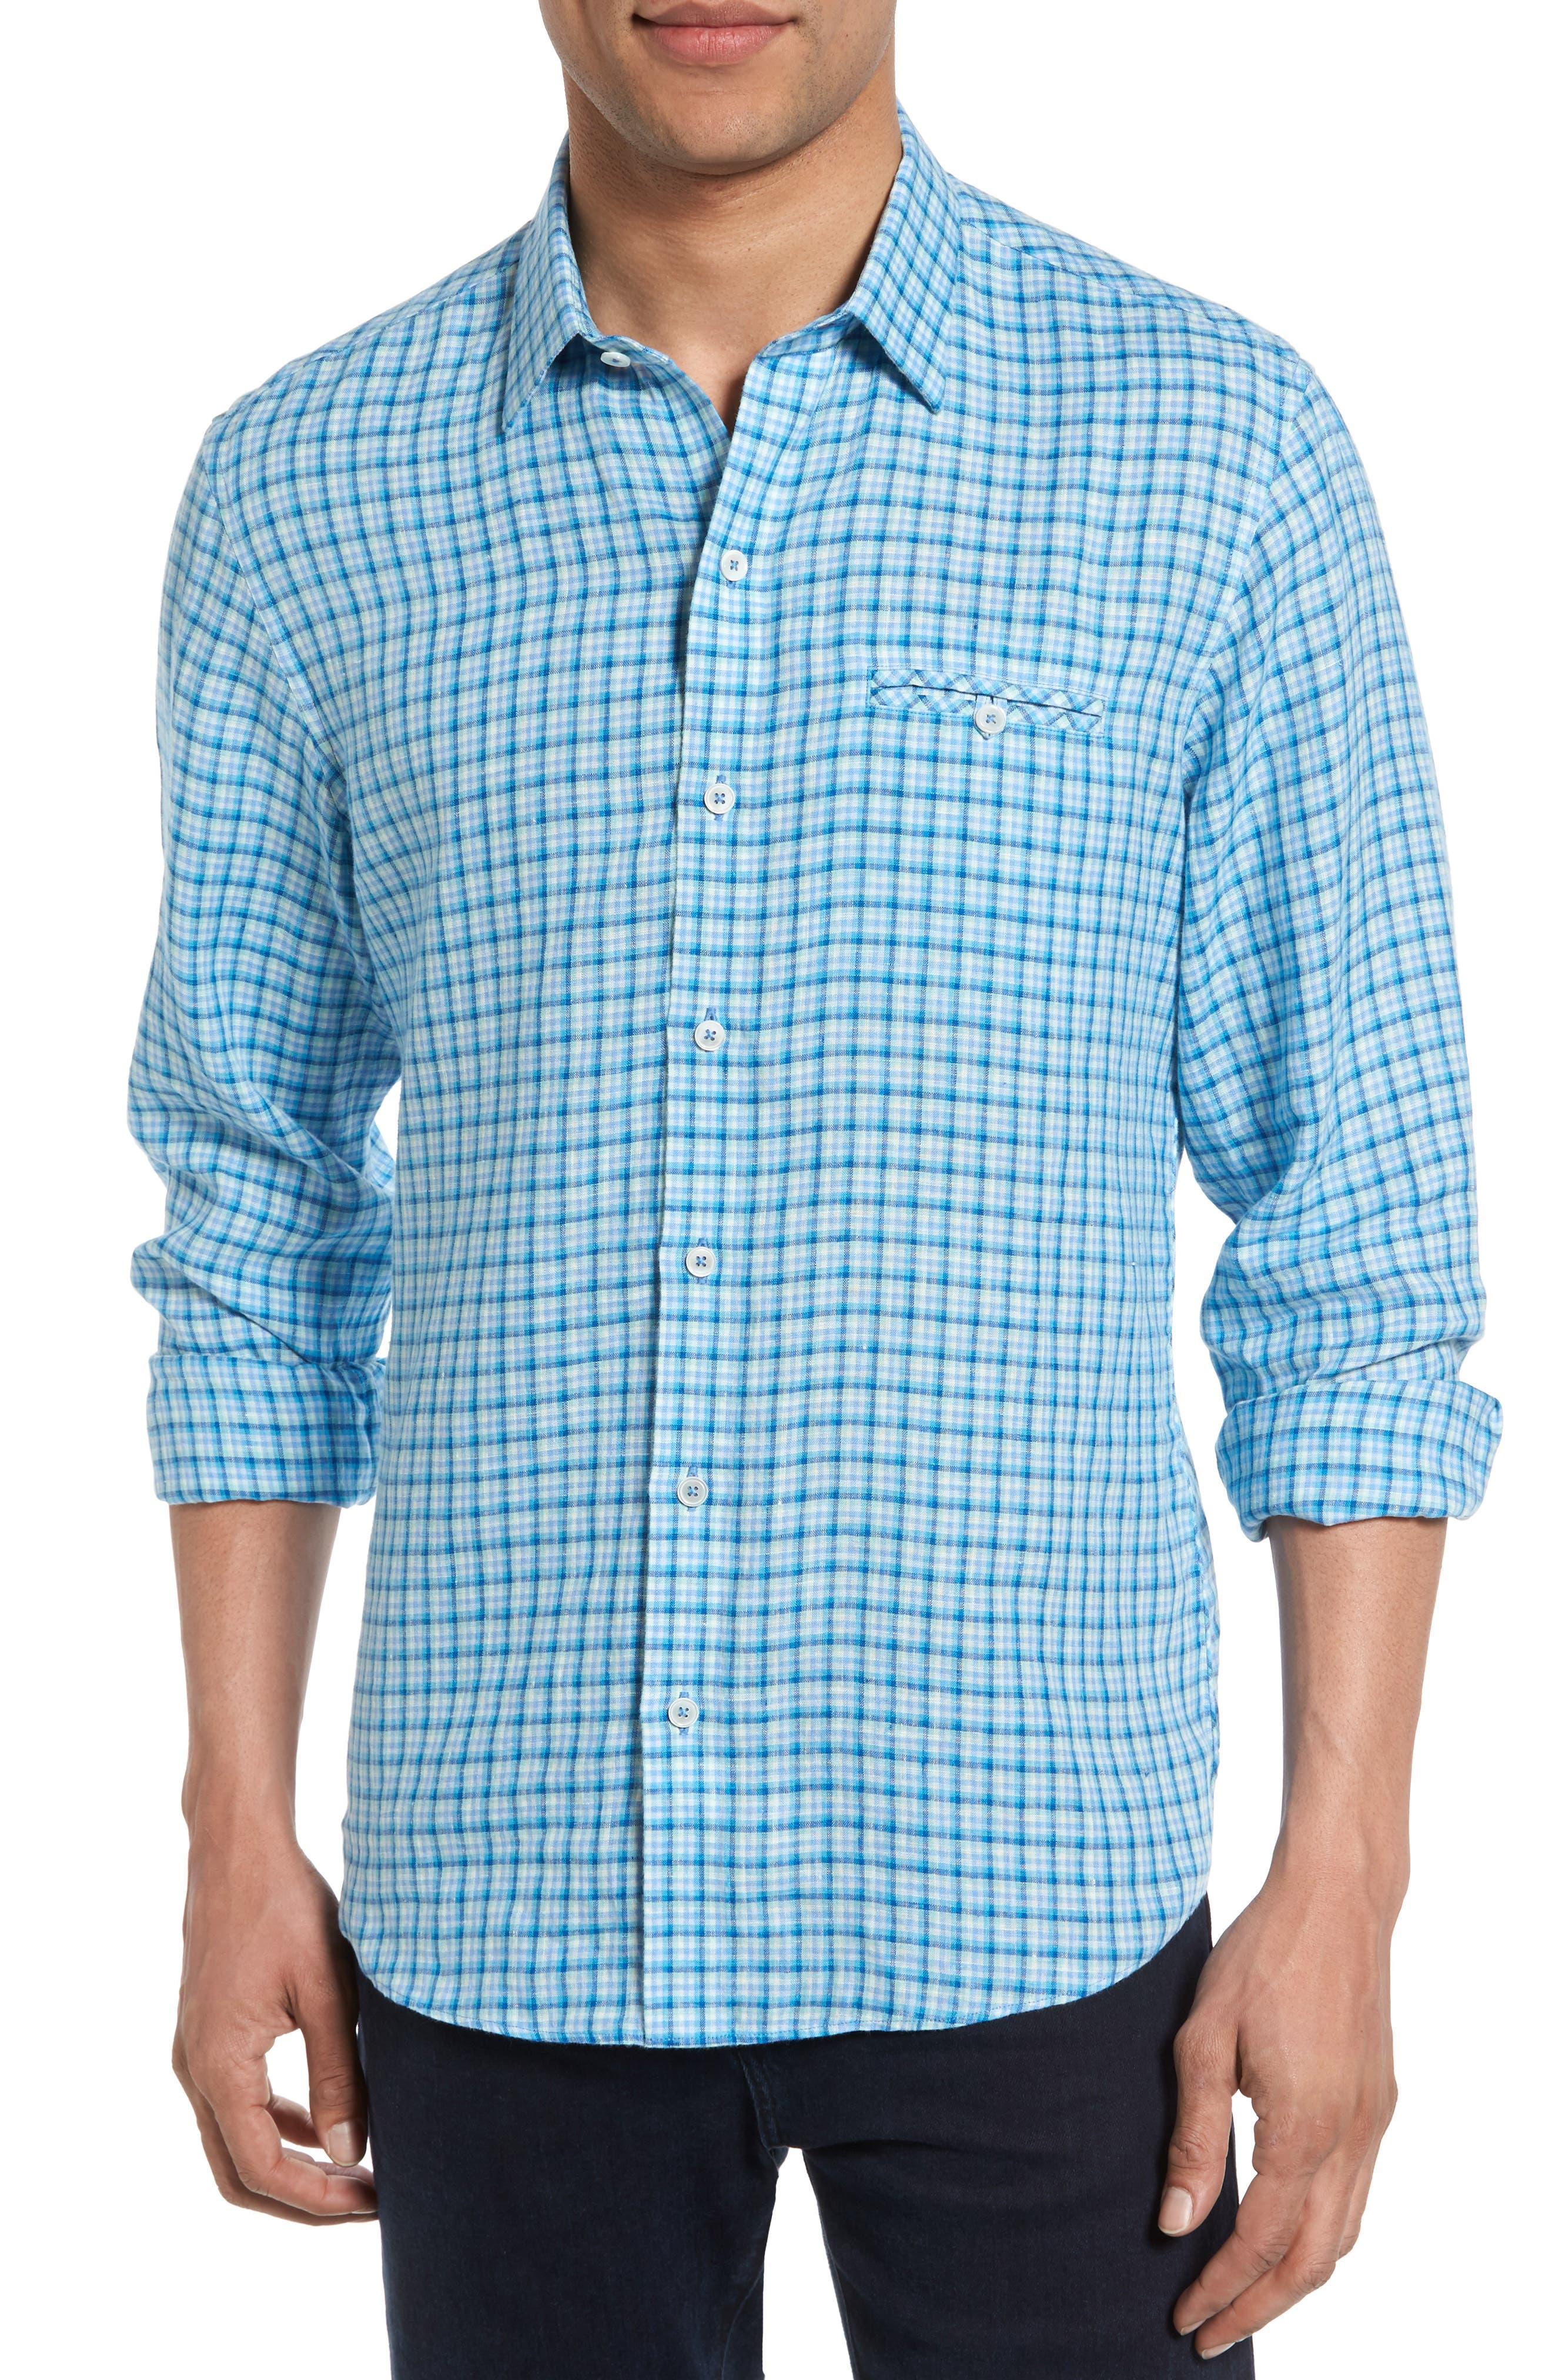 Althoff Plaid Linen Sport Shirt,                             Main thumbnail 1, color,